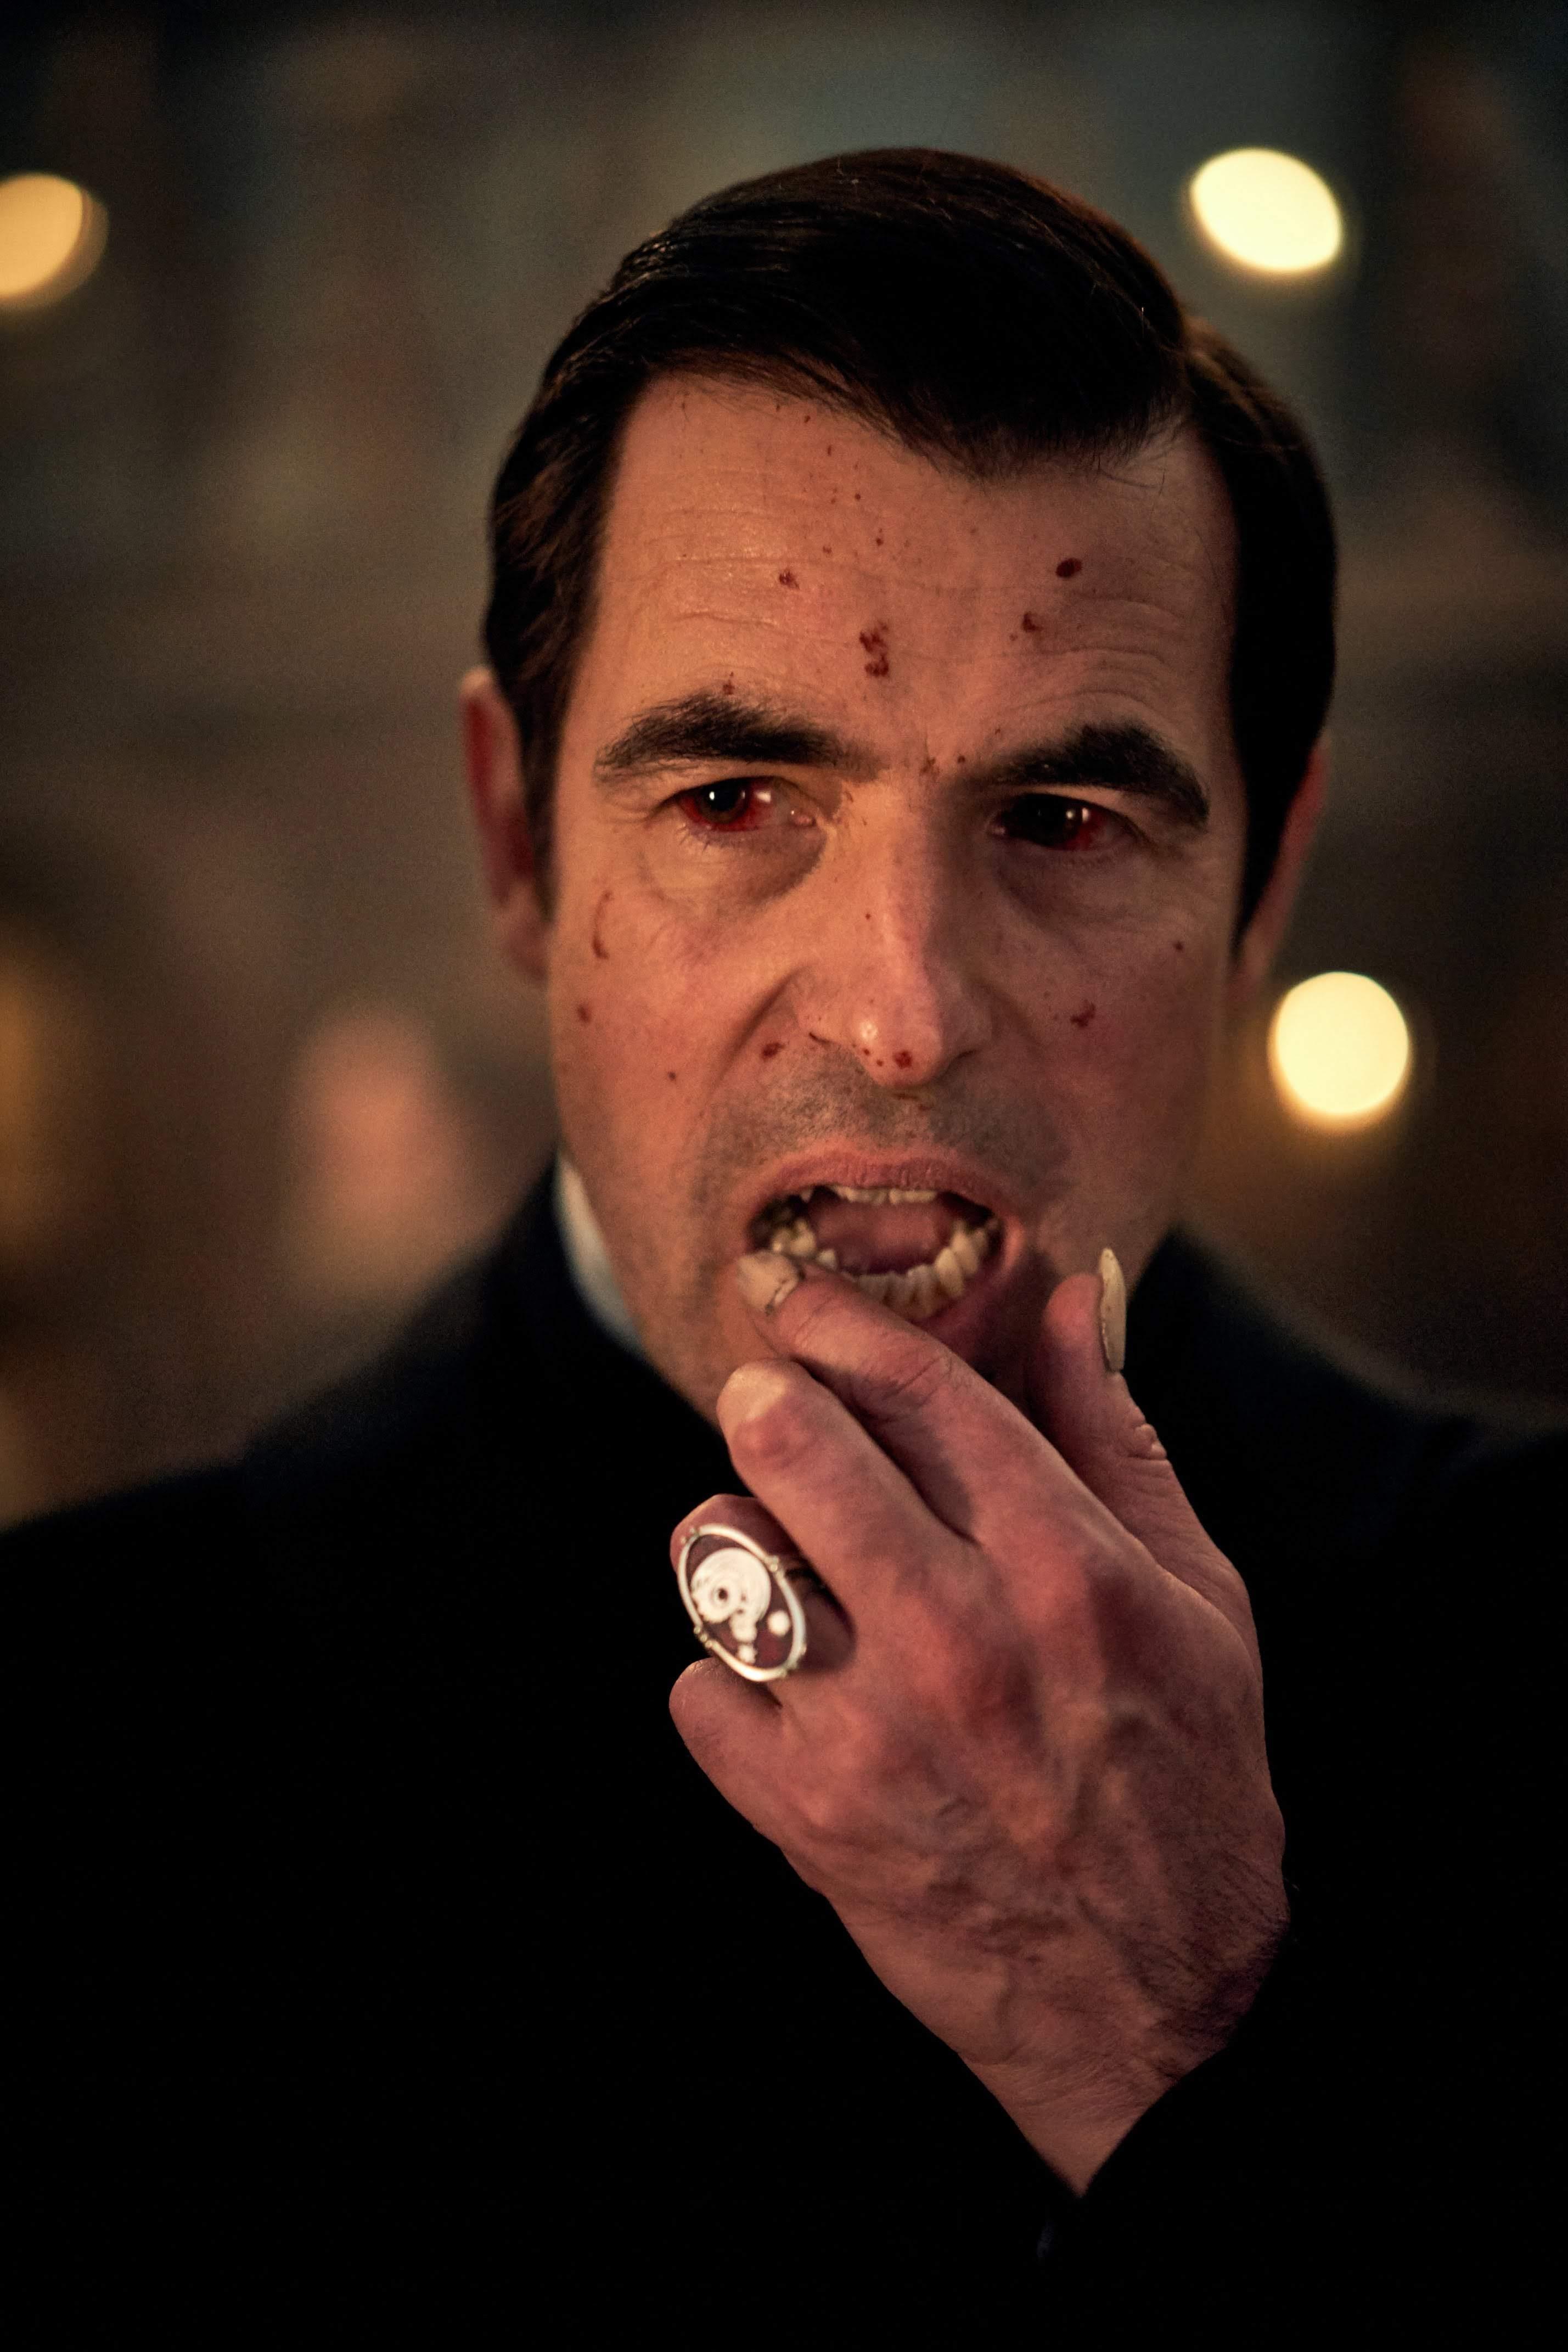 Dracula : 人気TVシリーズ「シャーロック」の仕掛け人たちが、故ブラム・ストーカーが世に送り出した吸血鬼を復活させた話題のミニ・シリーズ「ドラキュラ」の予告編を初公開 ! !